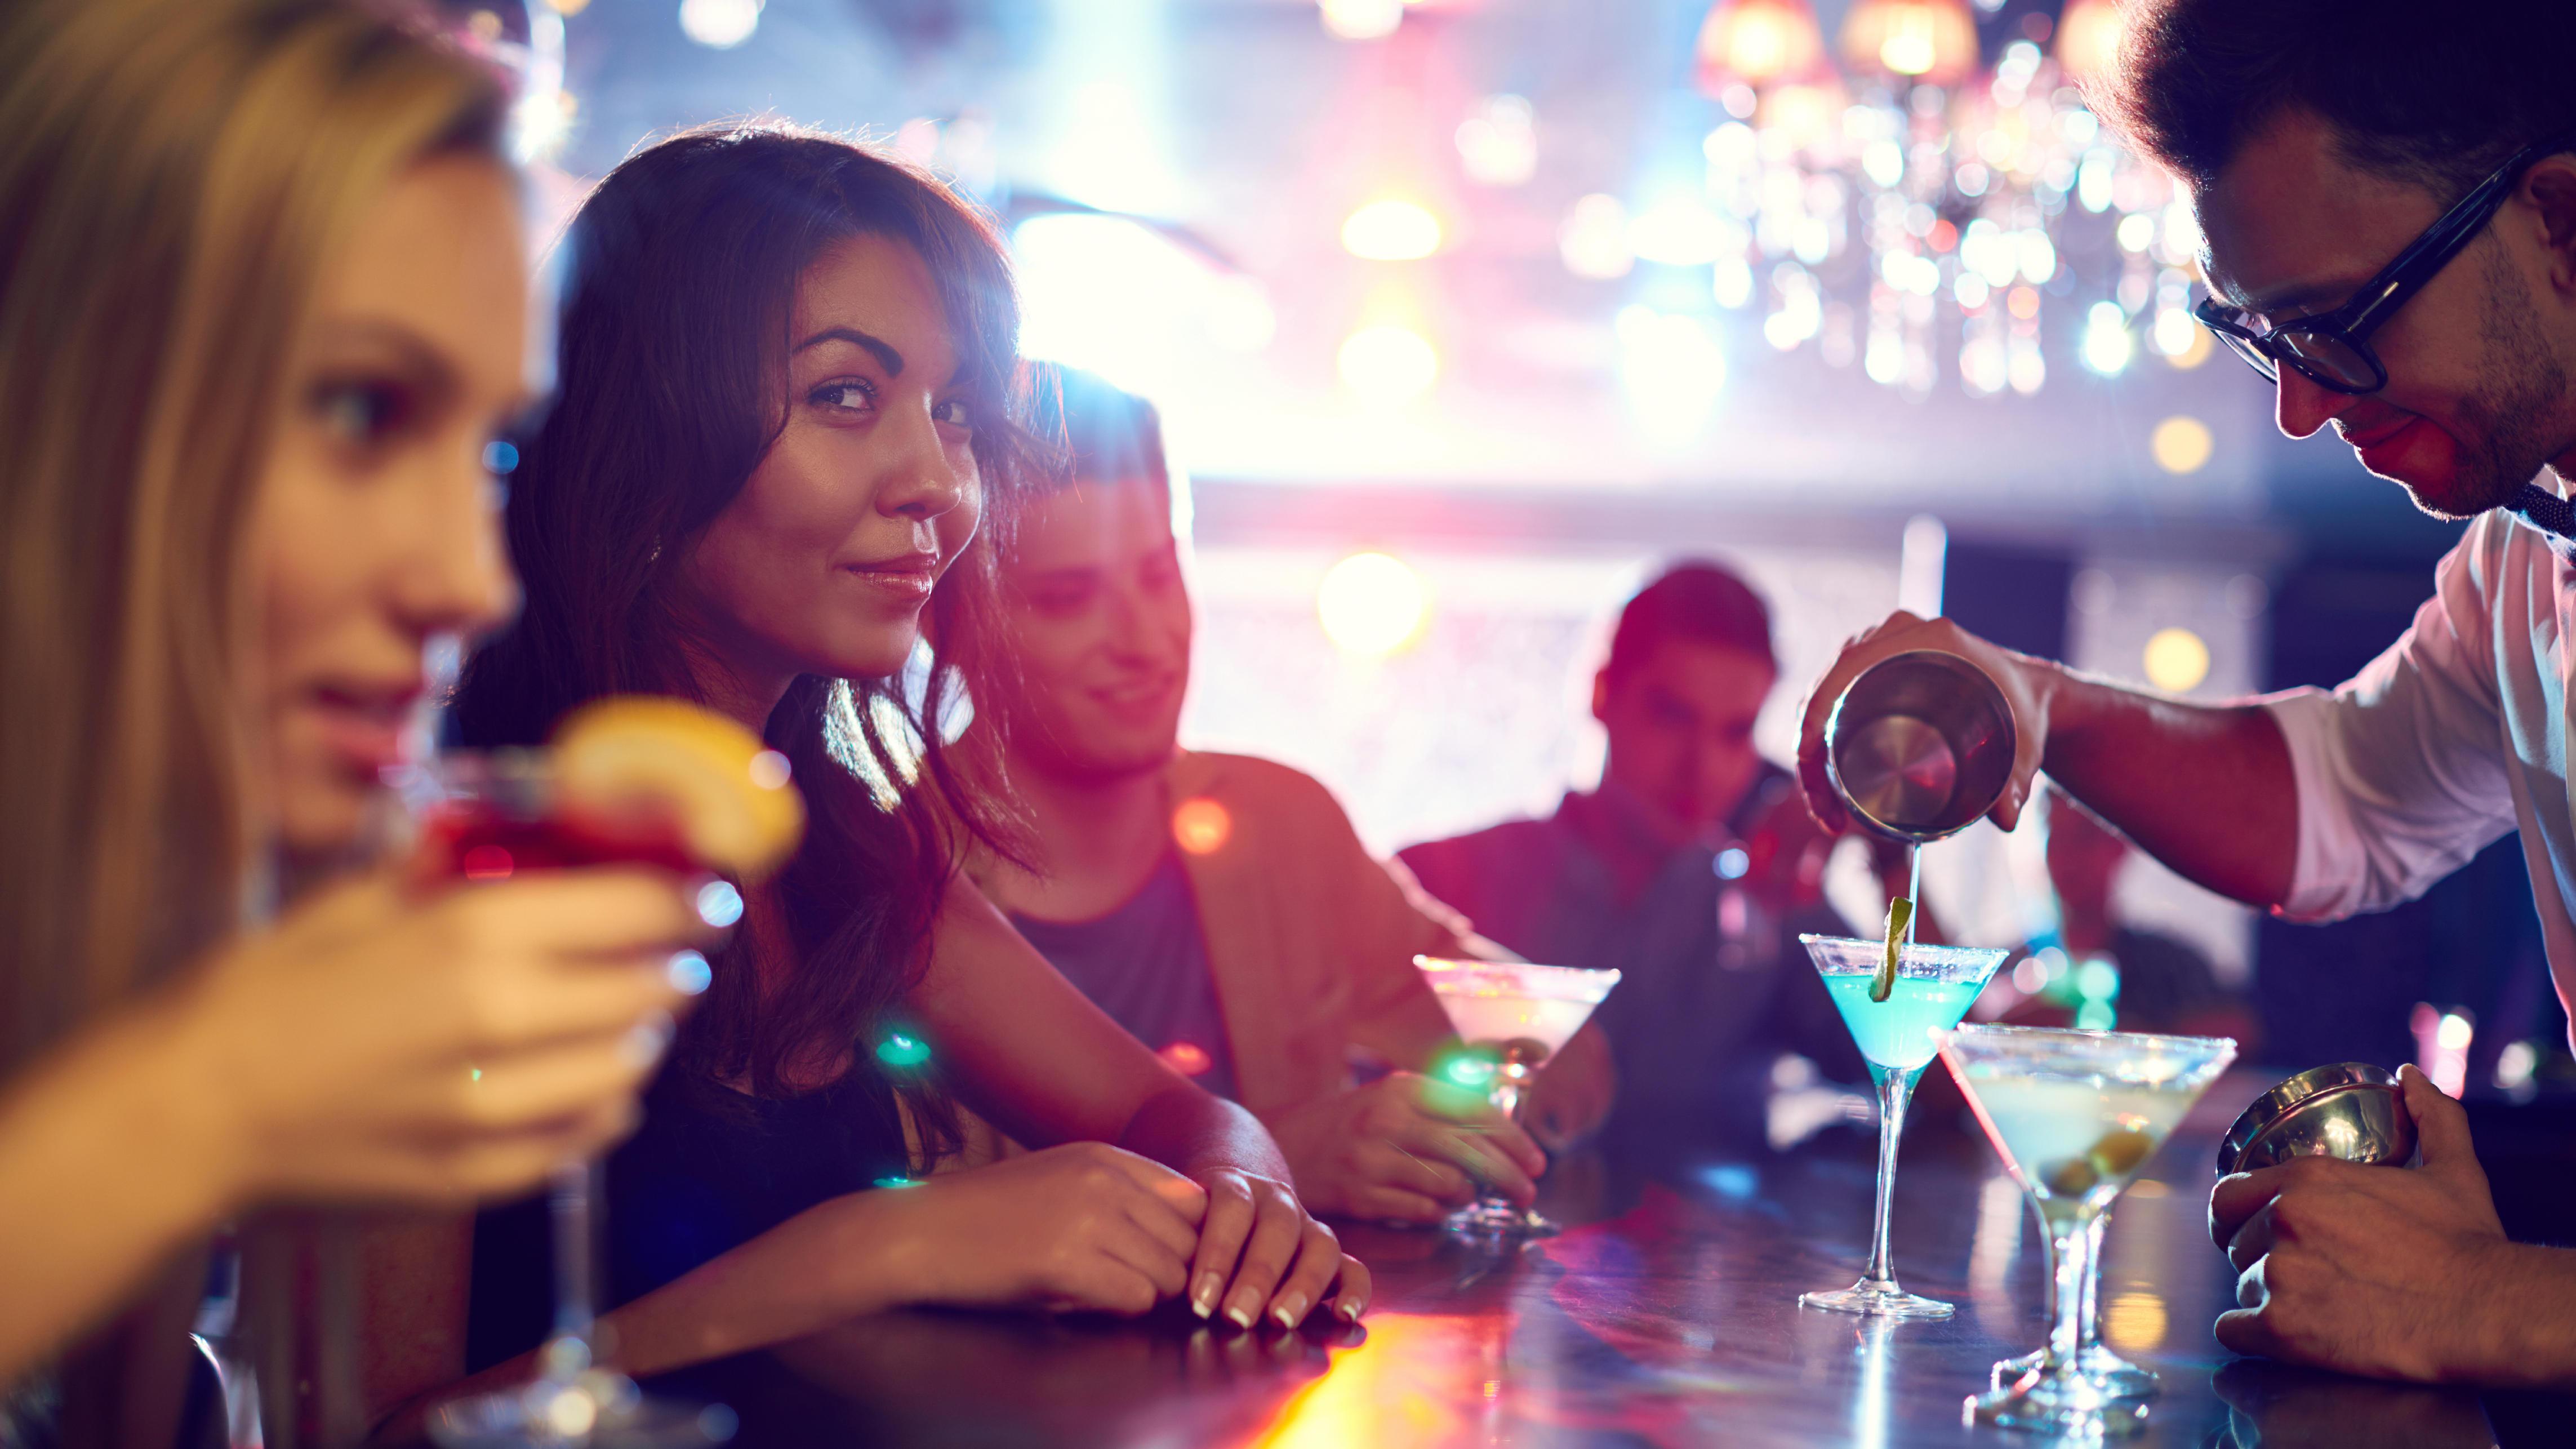 Fünf Tricks, an denen Sie eine gute Bar erkennen | STERN.de